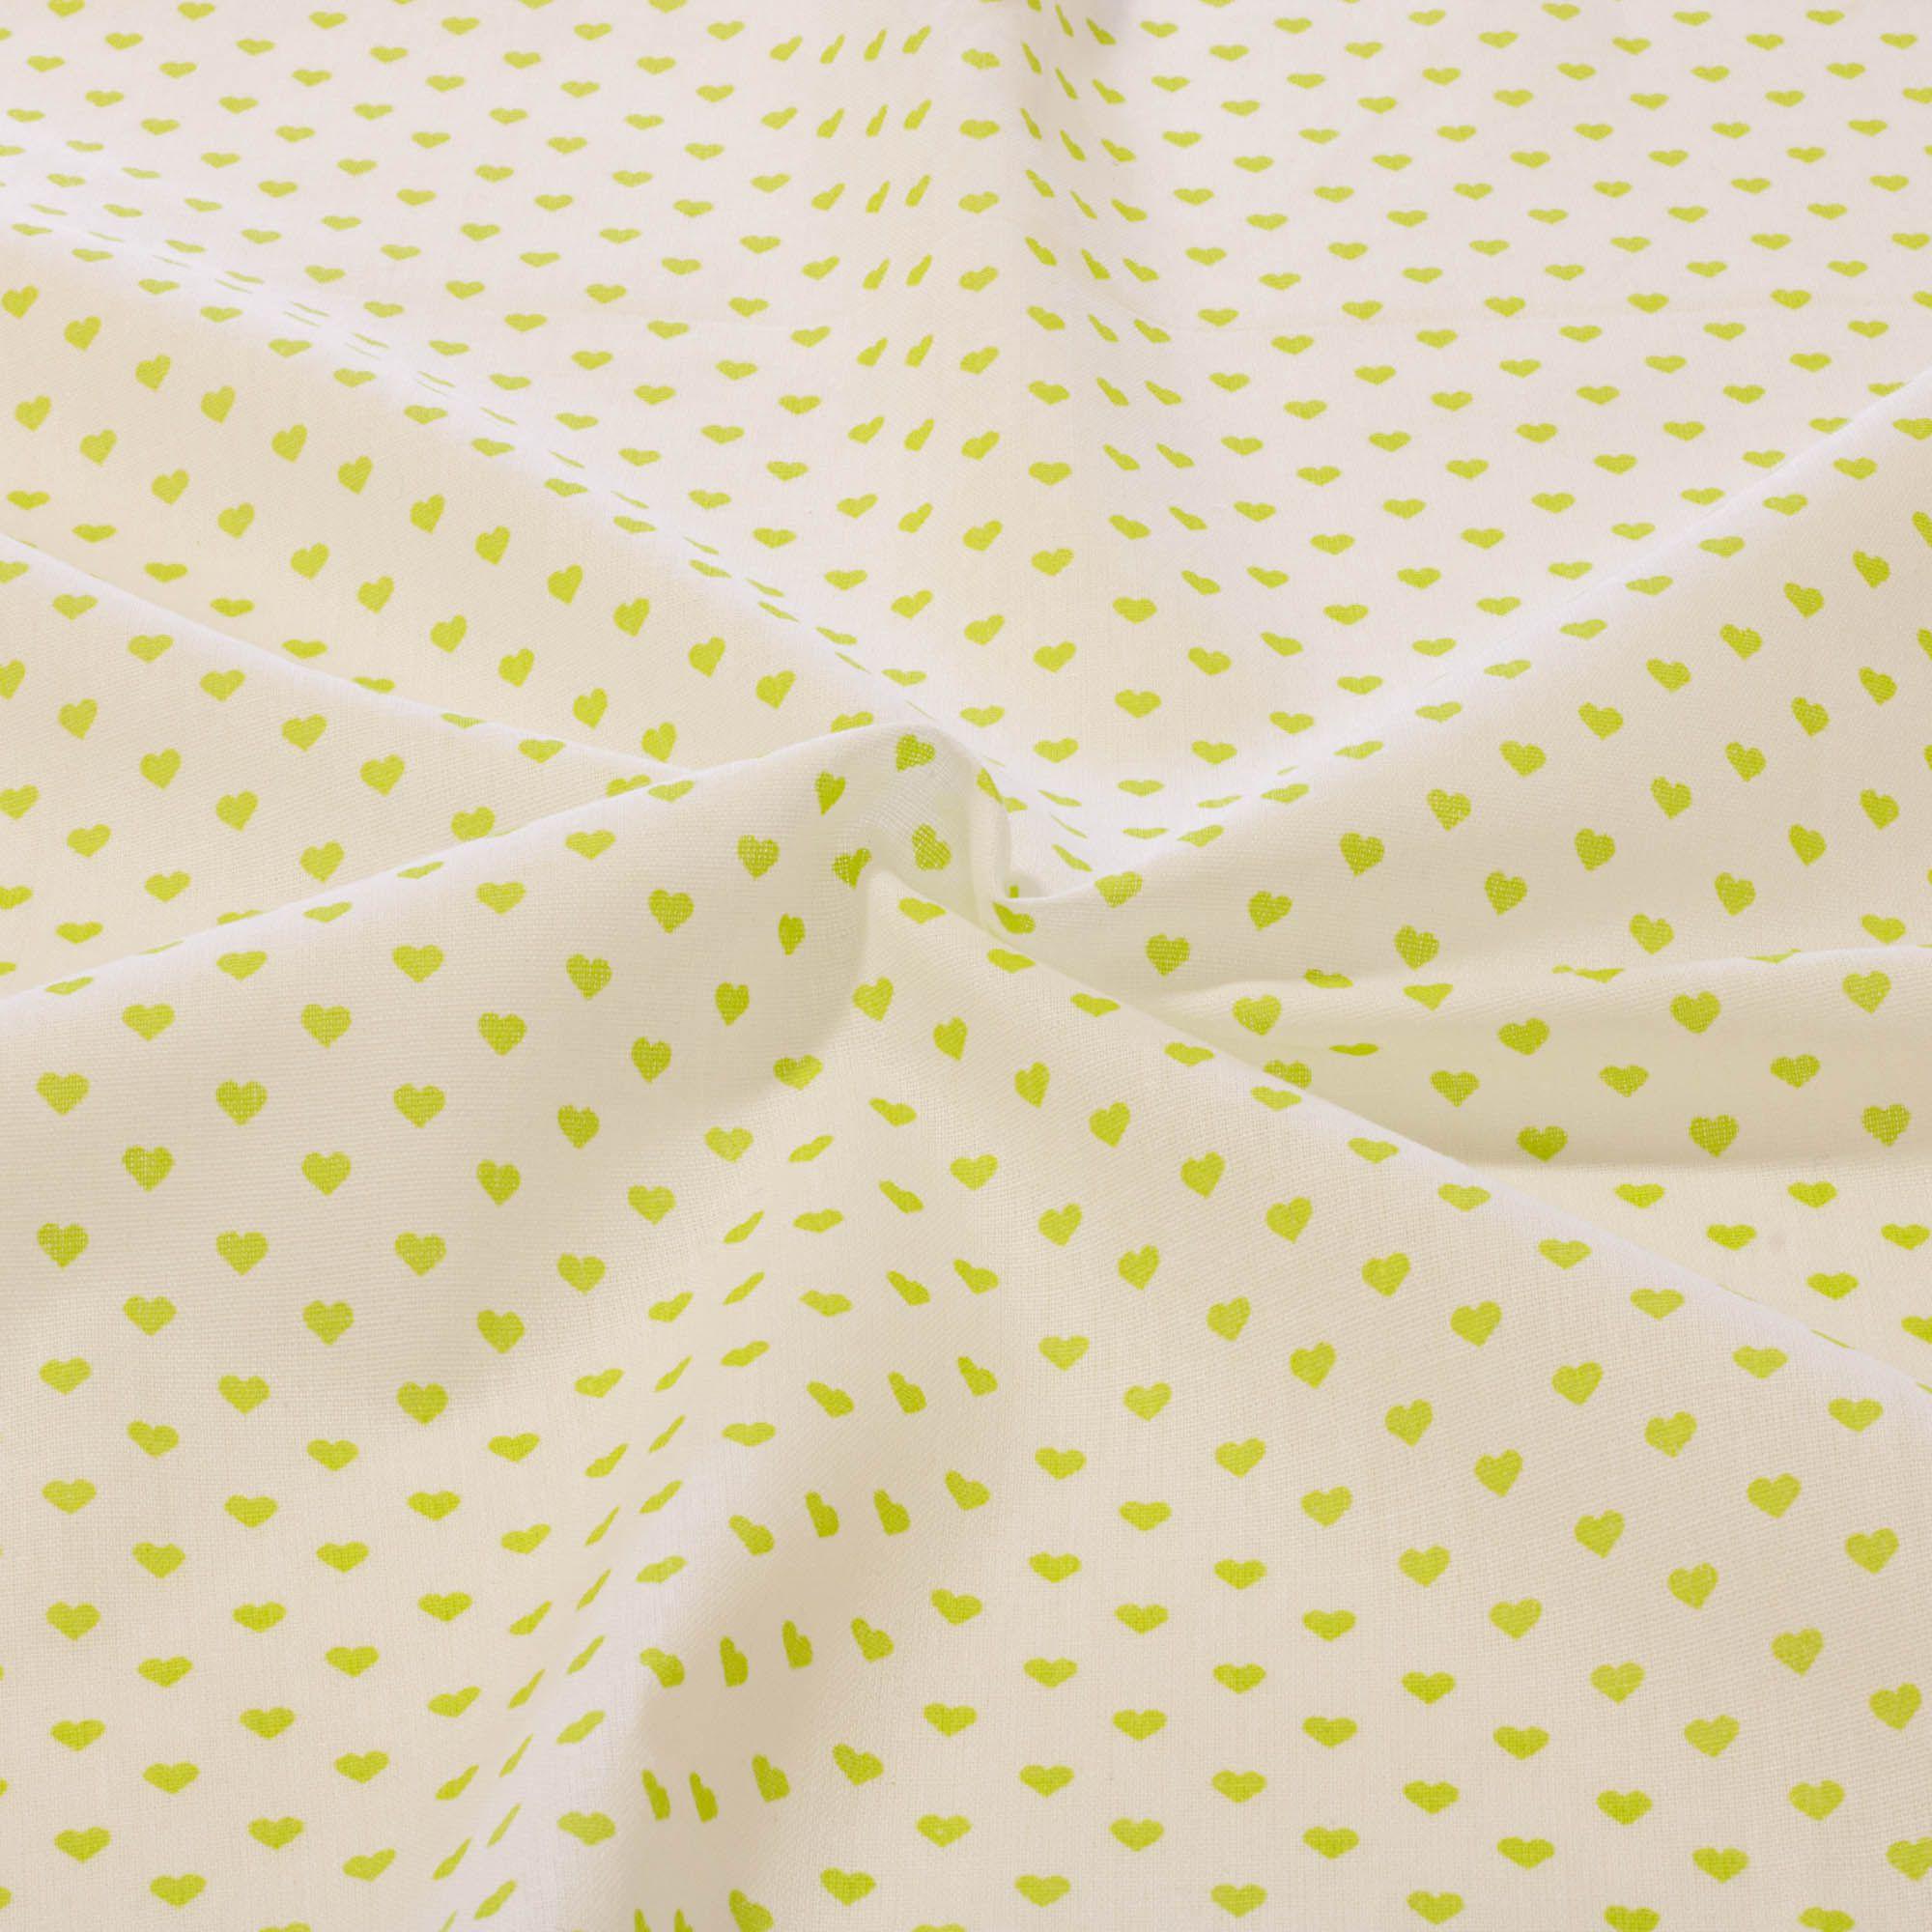 Tecido tricoline estampado coração verde 1,40 m largura